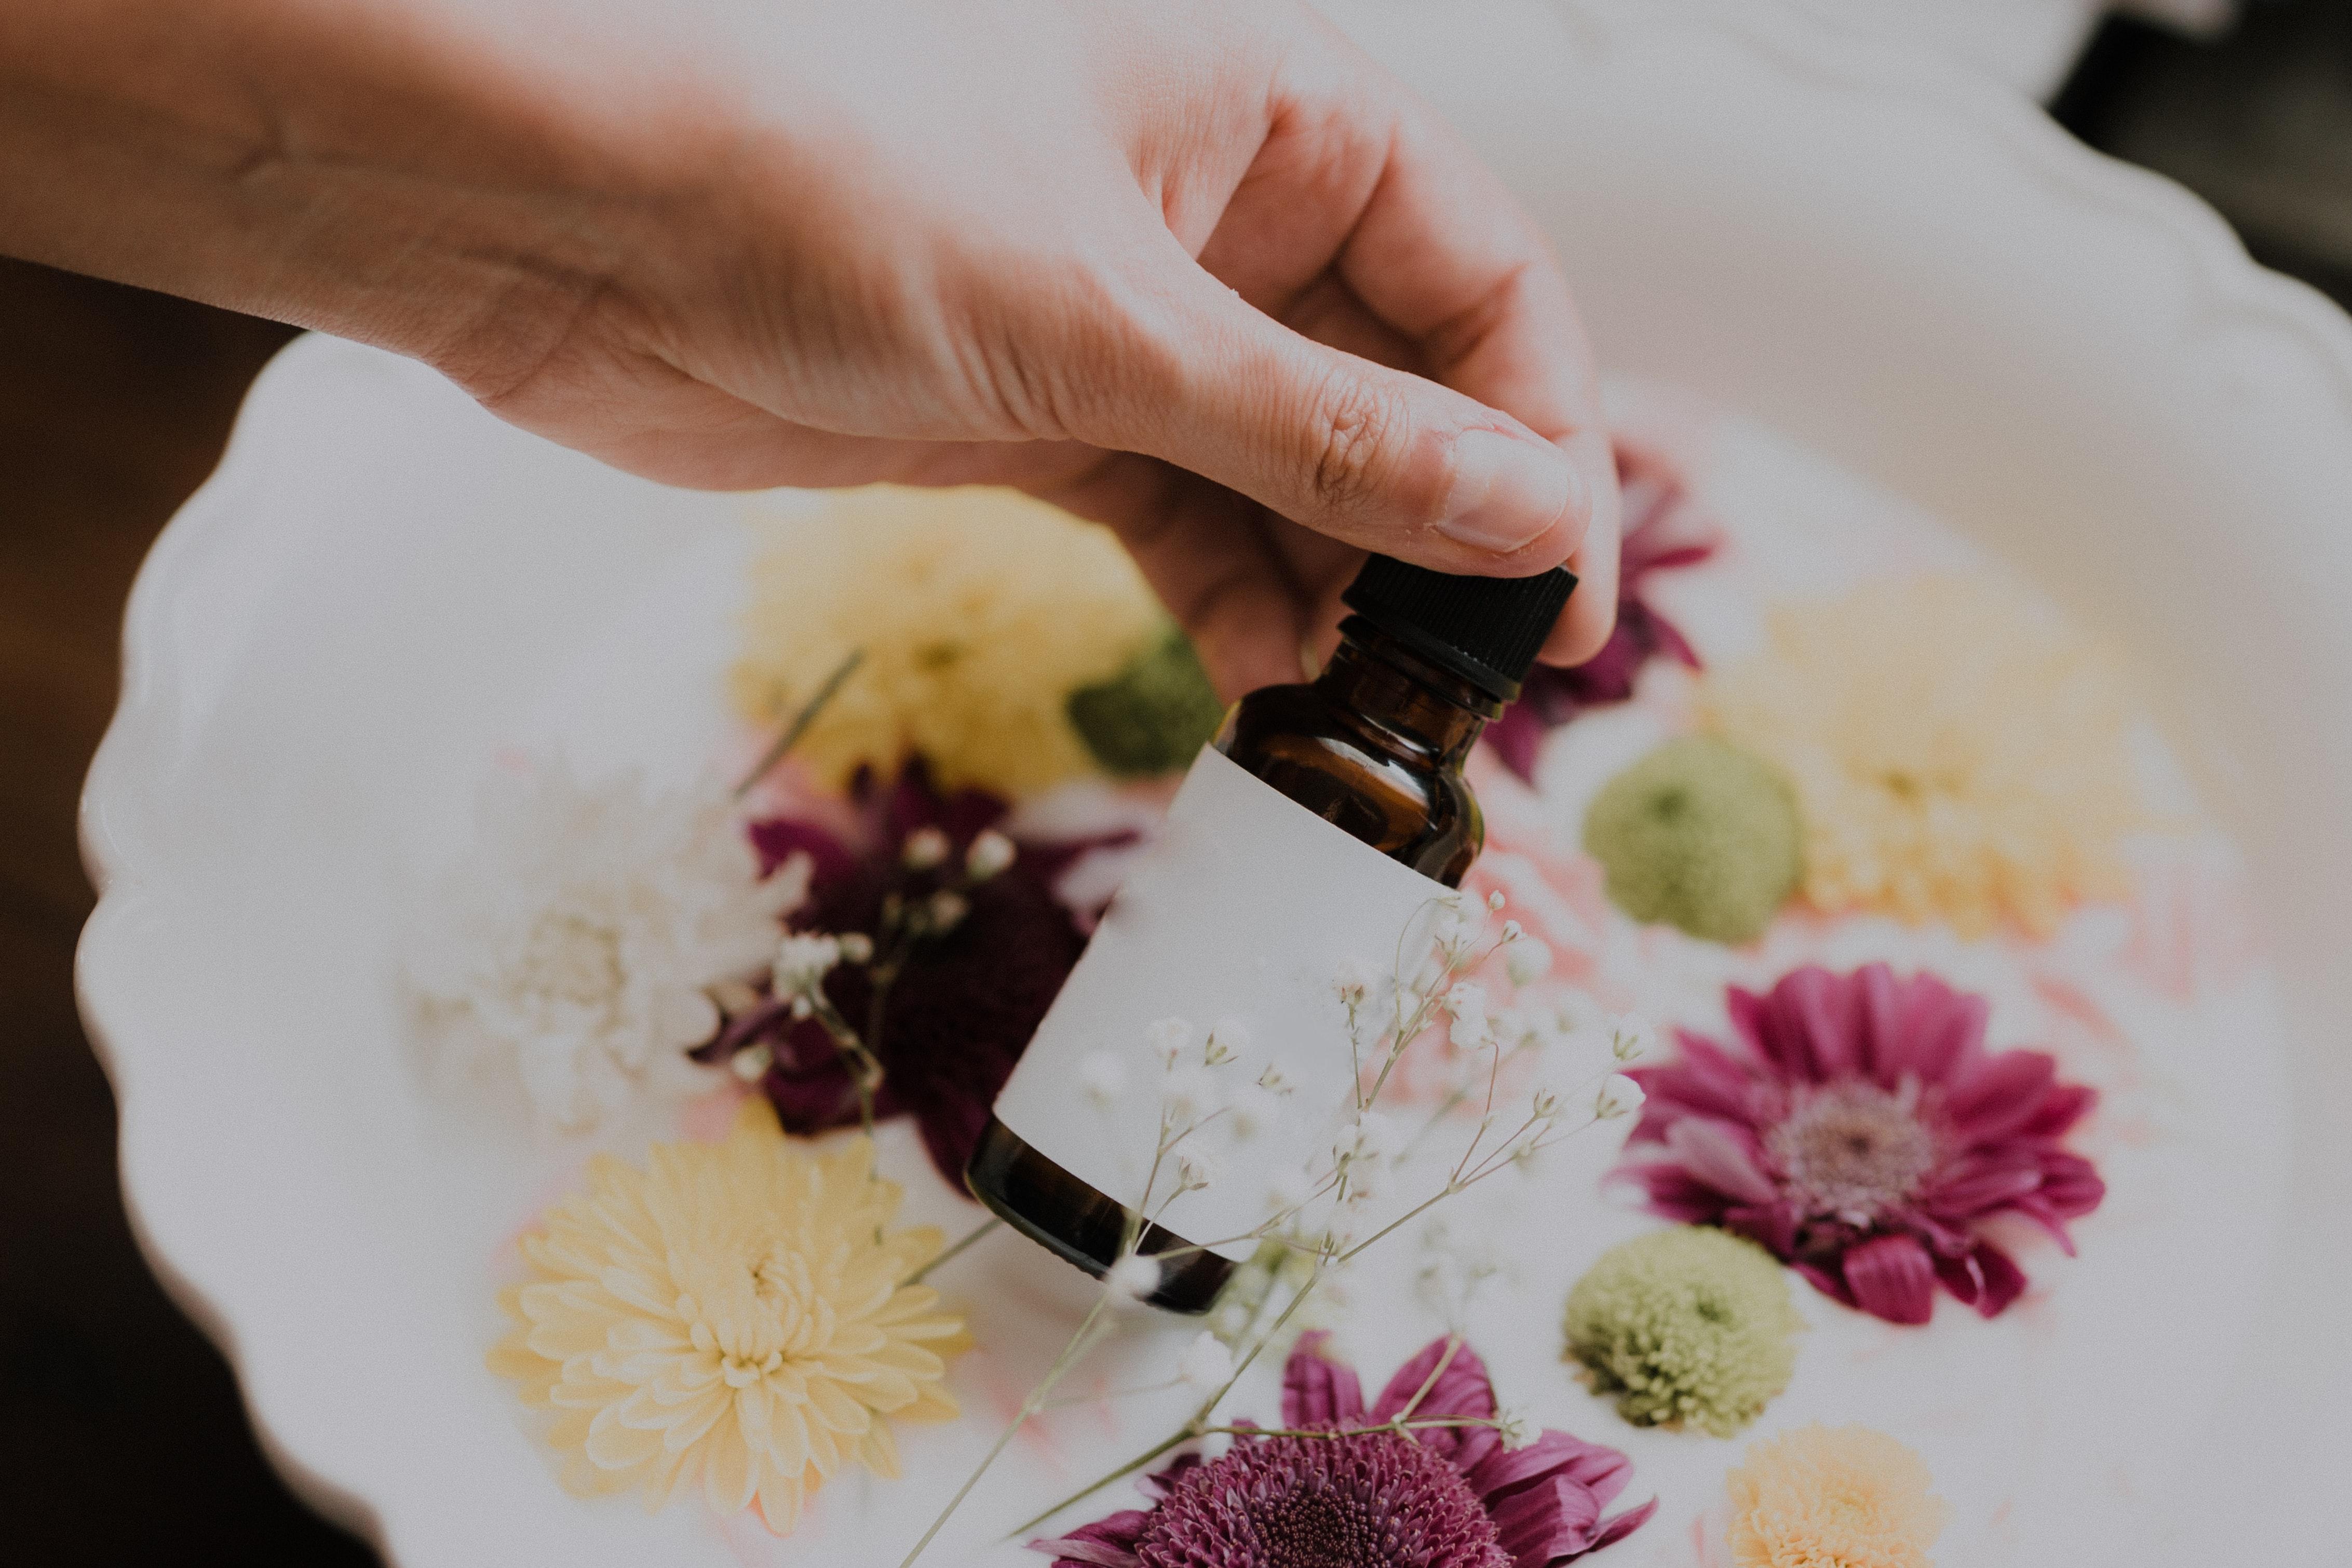 Las 5 maravillas de los aceites esenciales en la aromaterapia